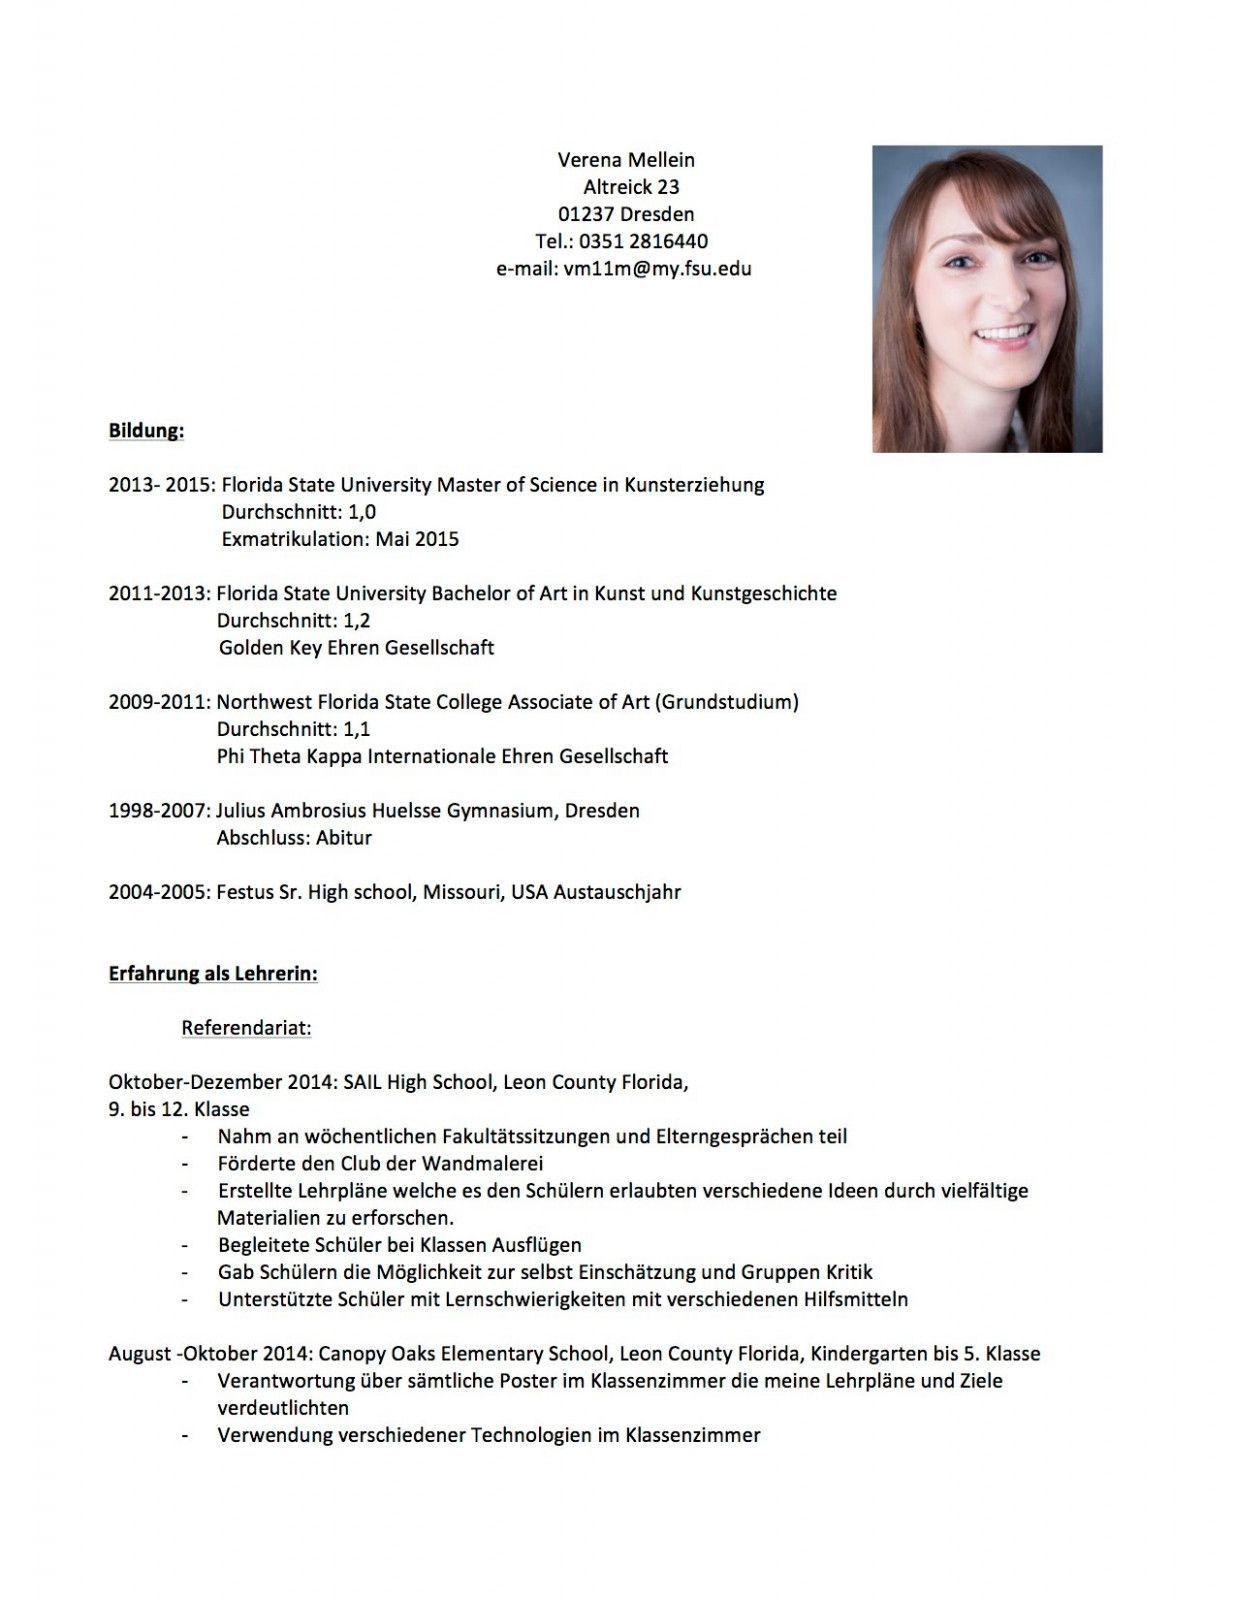 Lebenslauf Deutsch Lehrer In 2020 Lebenslauf Lehrer Englisch Vorlagen Lebenslauf